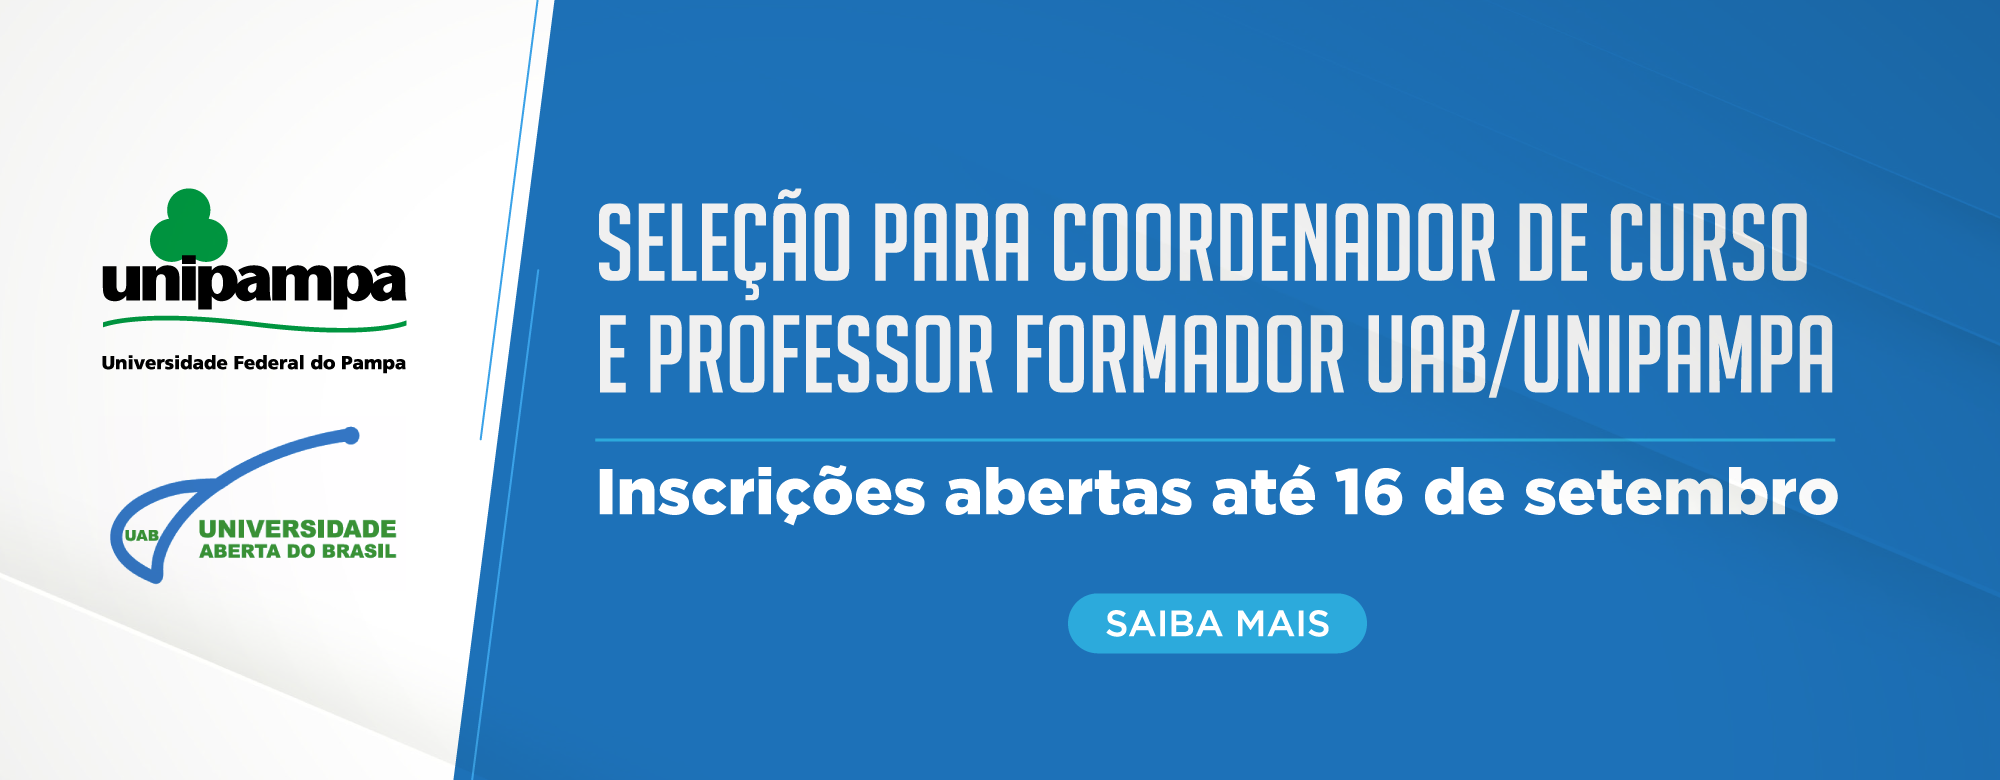 Abertura de editais para seleção de coordenador de curso e professor formador UAB/Unipampa